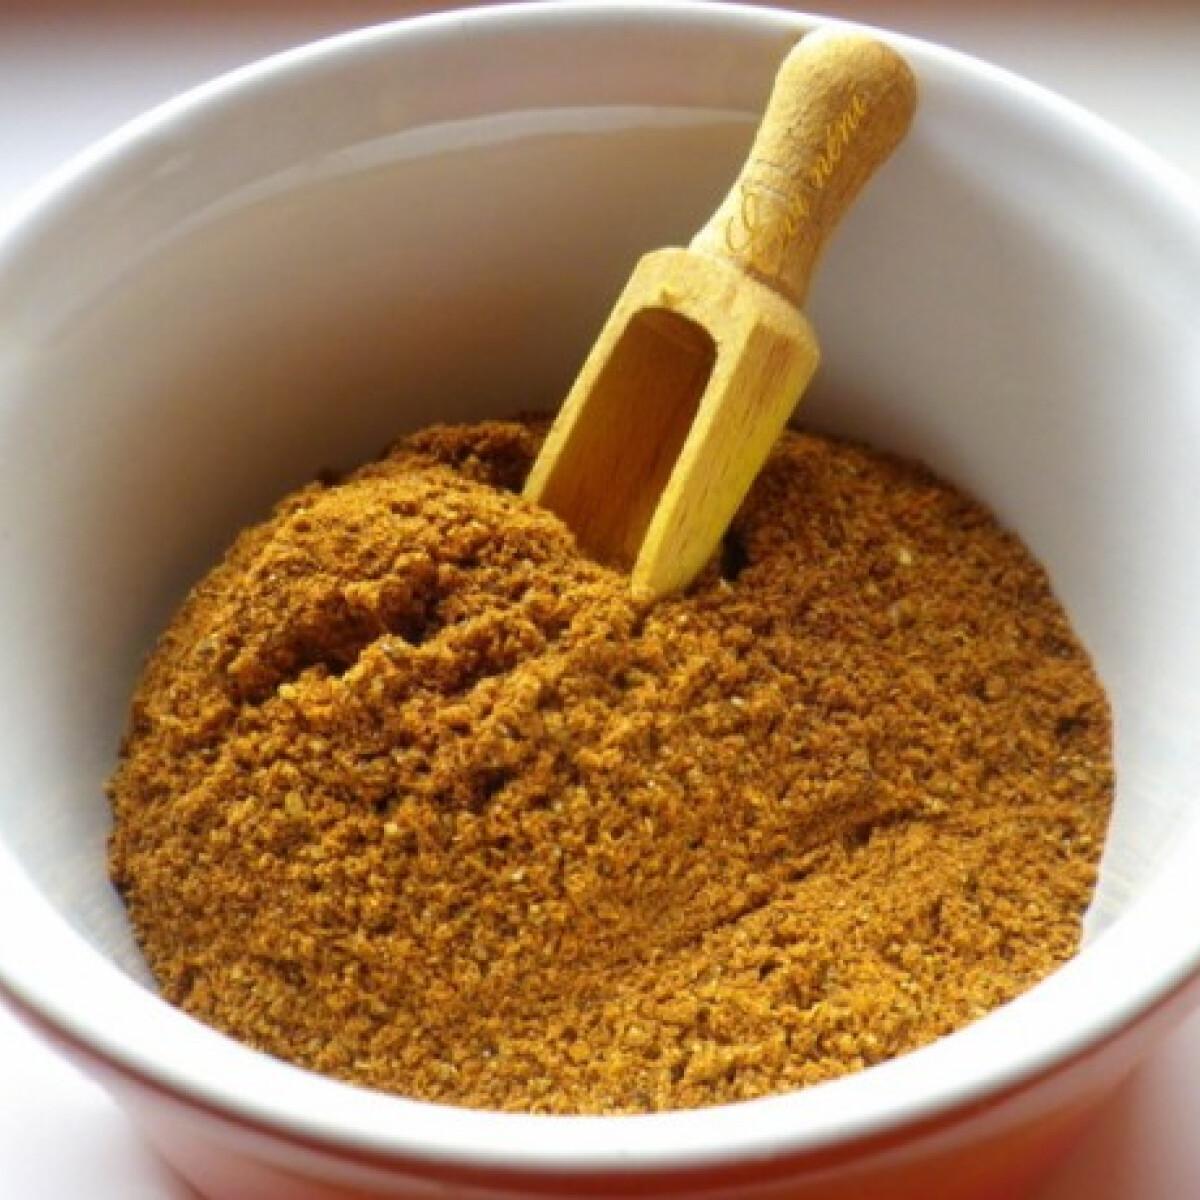 Ezen a képen: Baharat - arab fűszerkeverék